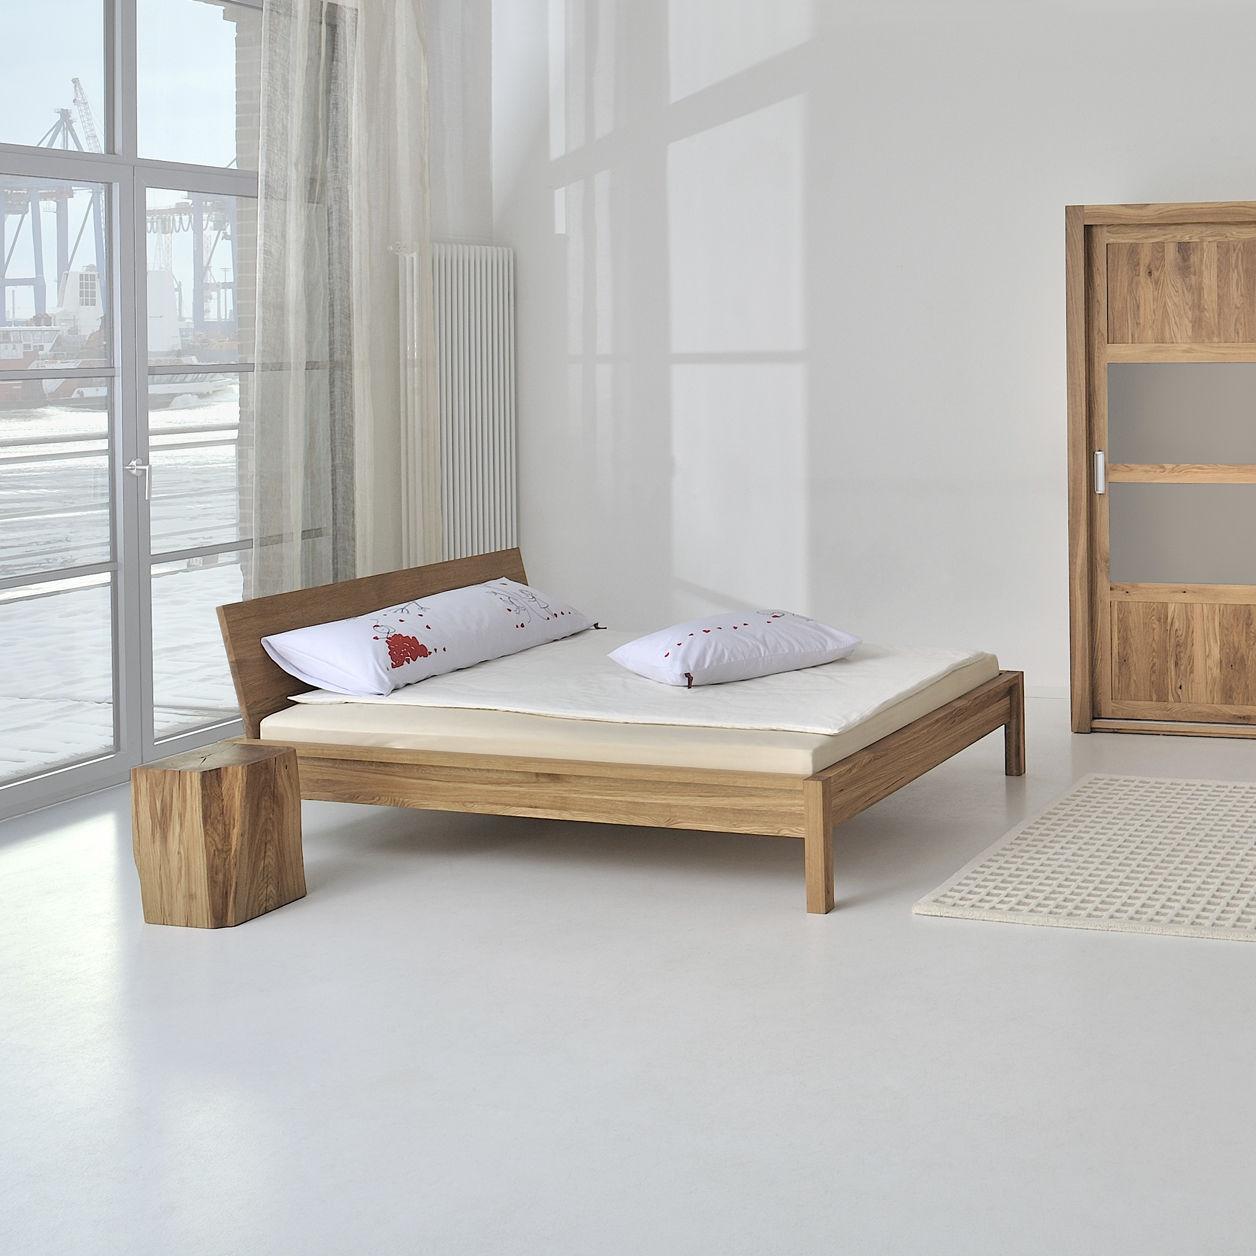 Lit double / design scandinave / avec tête de lit / sur mesure ...